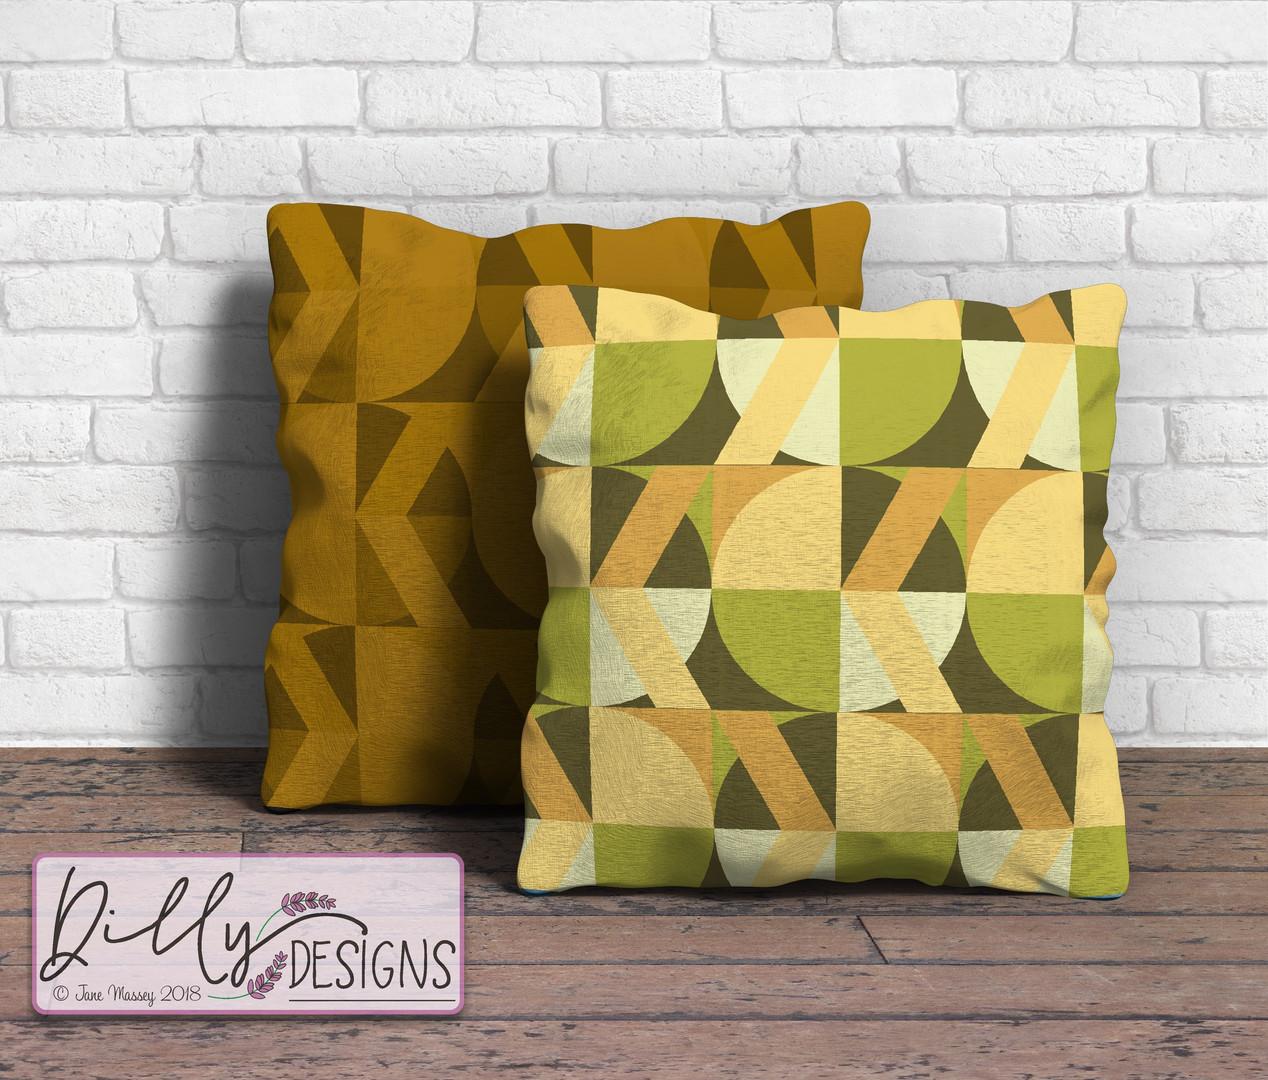 Geos soft  furnishing